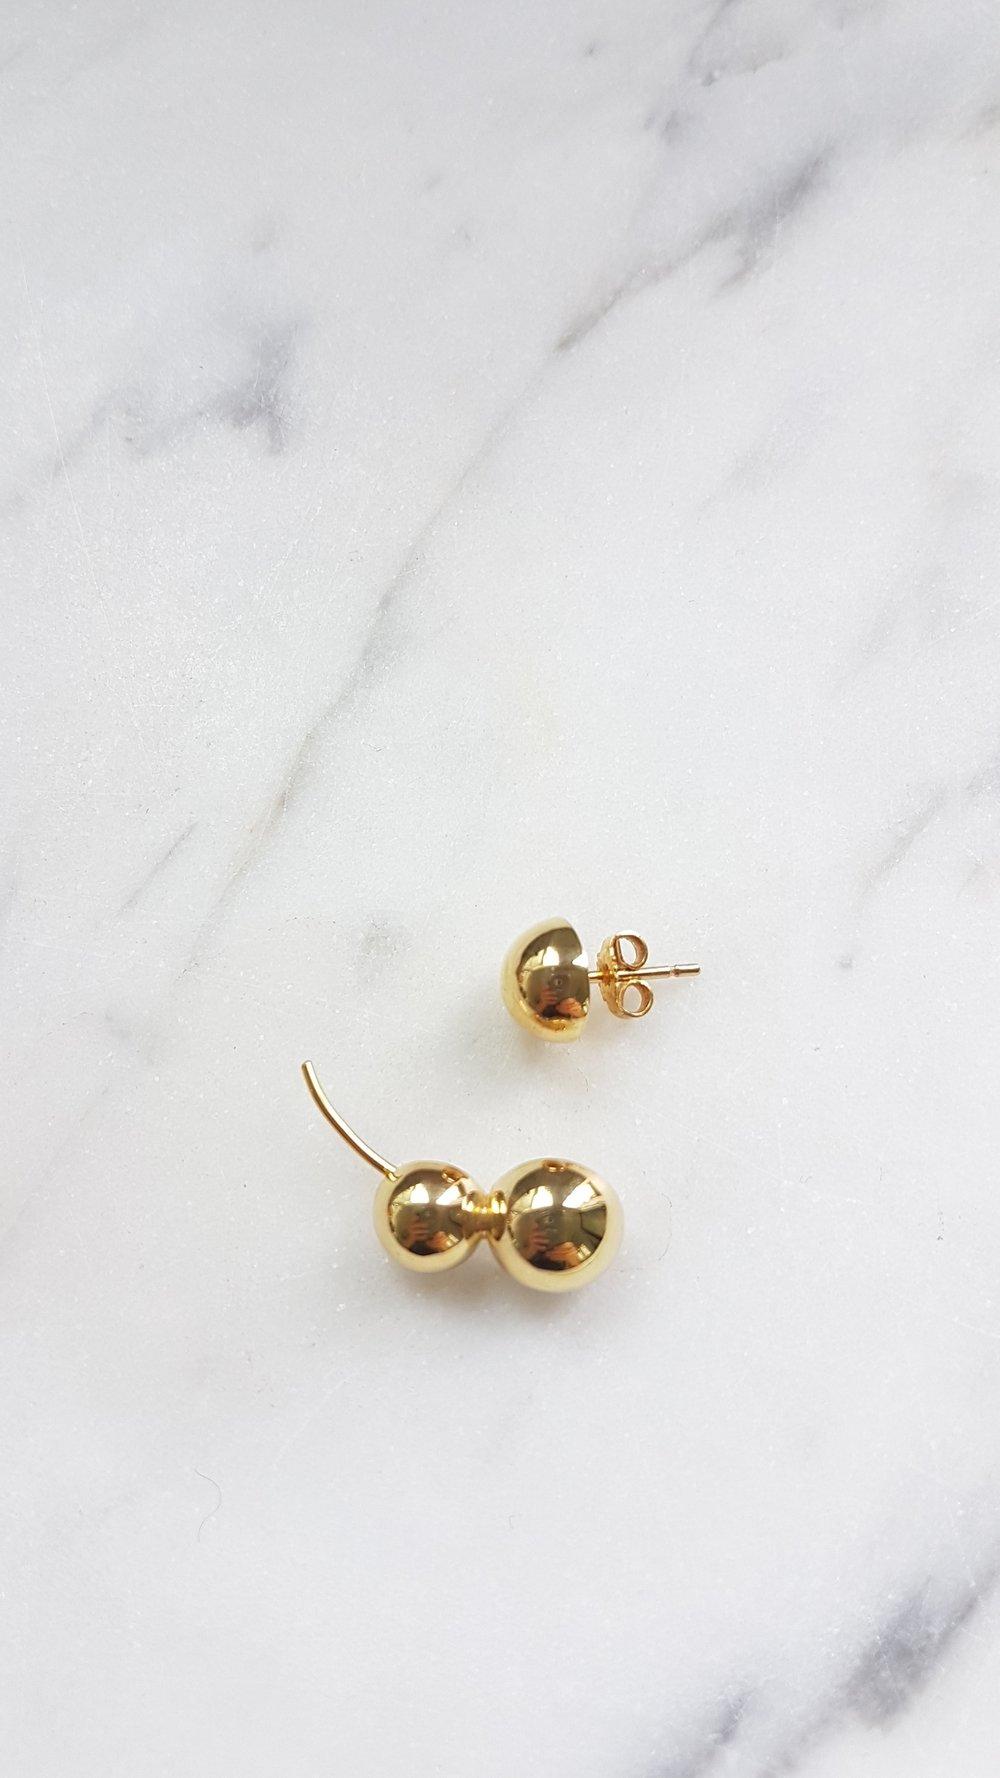 Earrings 18k yellow gold